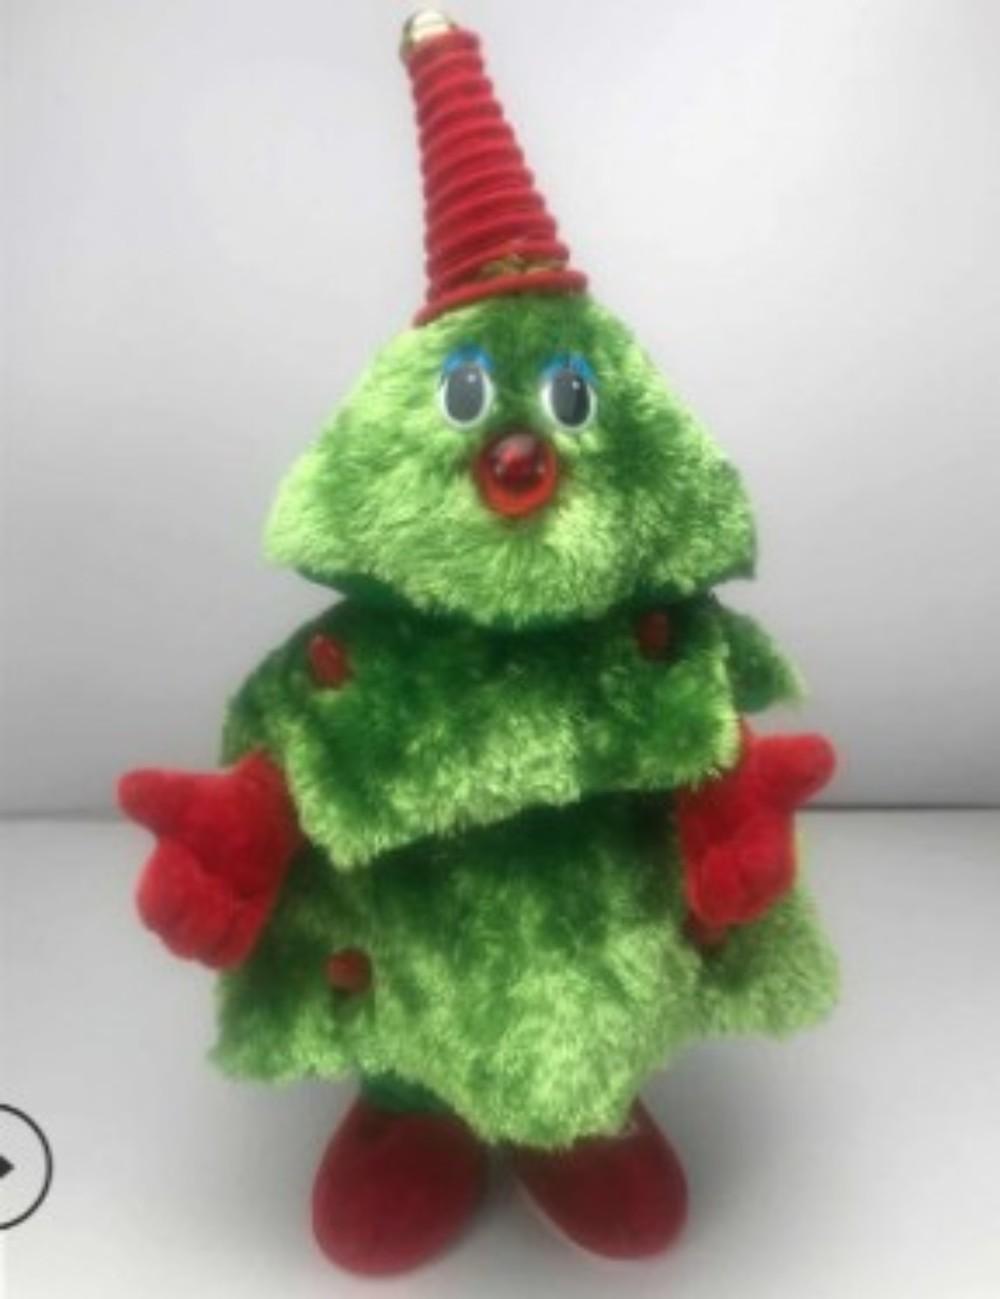 크리스마스 아이템 춤추는 산타 트리 눈사람 루돌프 인형 선물, 크리스마스 트리